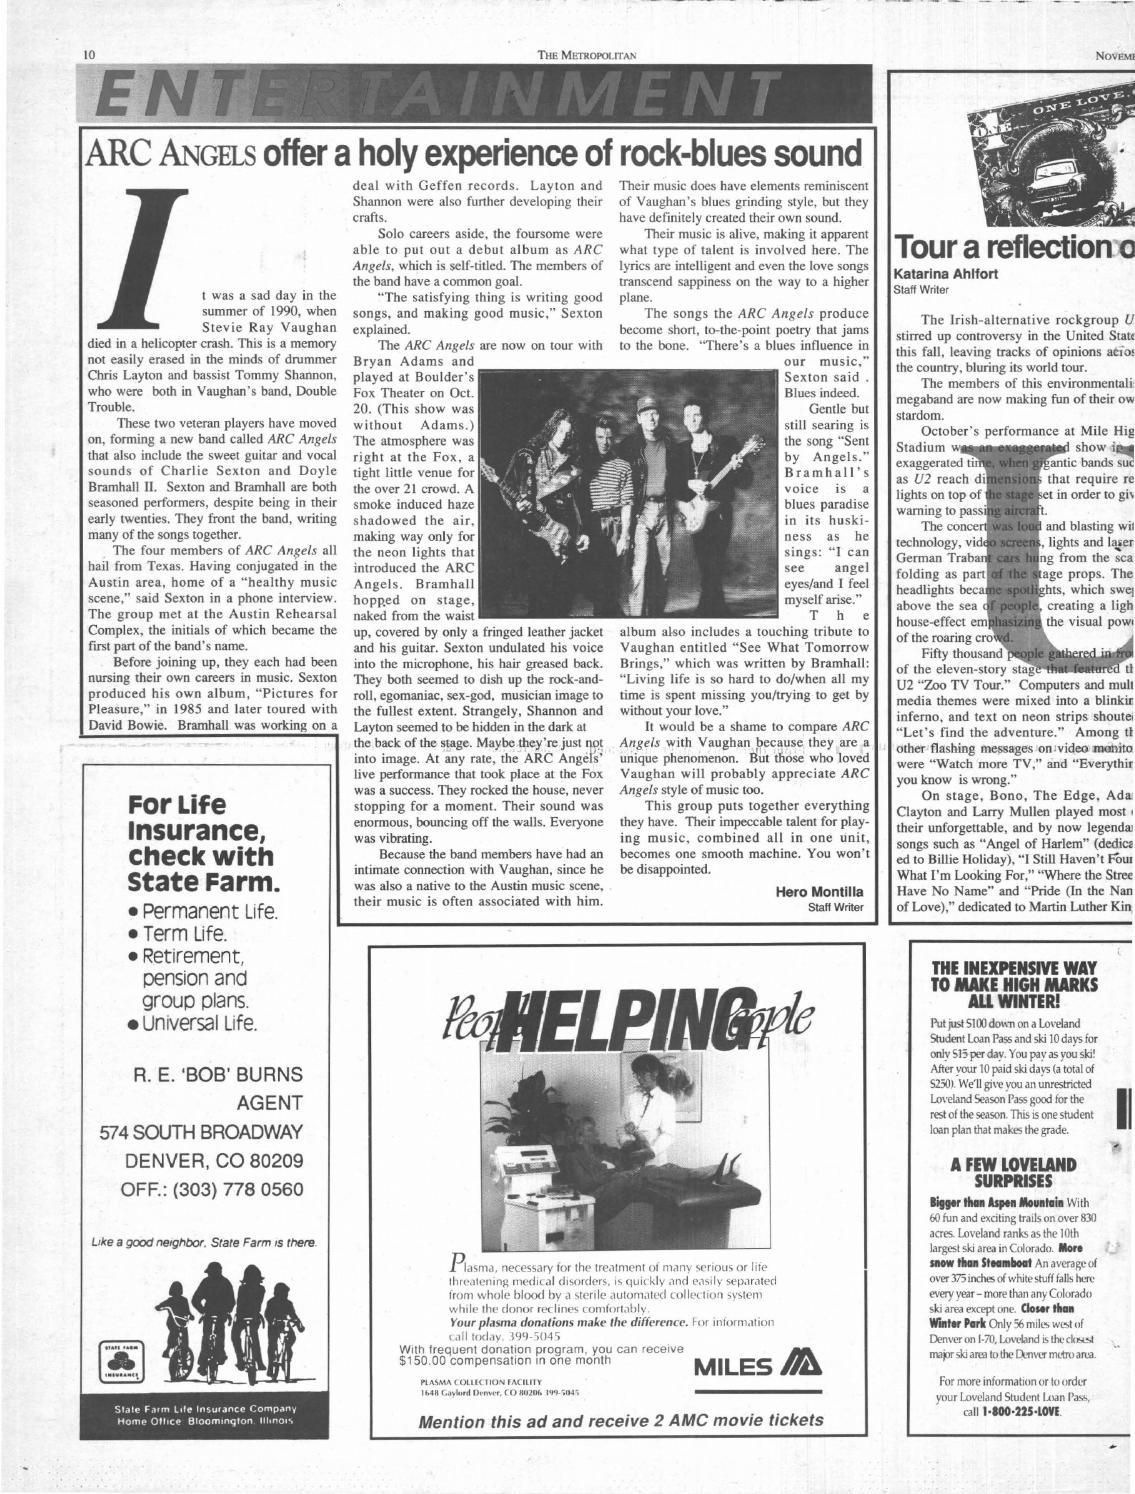 Volume 15, Issue 14 - Nov  13, 1992 by Met Media - issuu